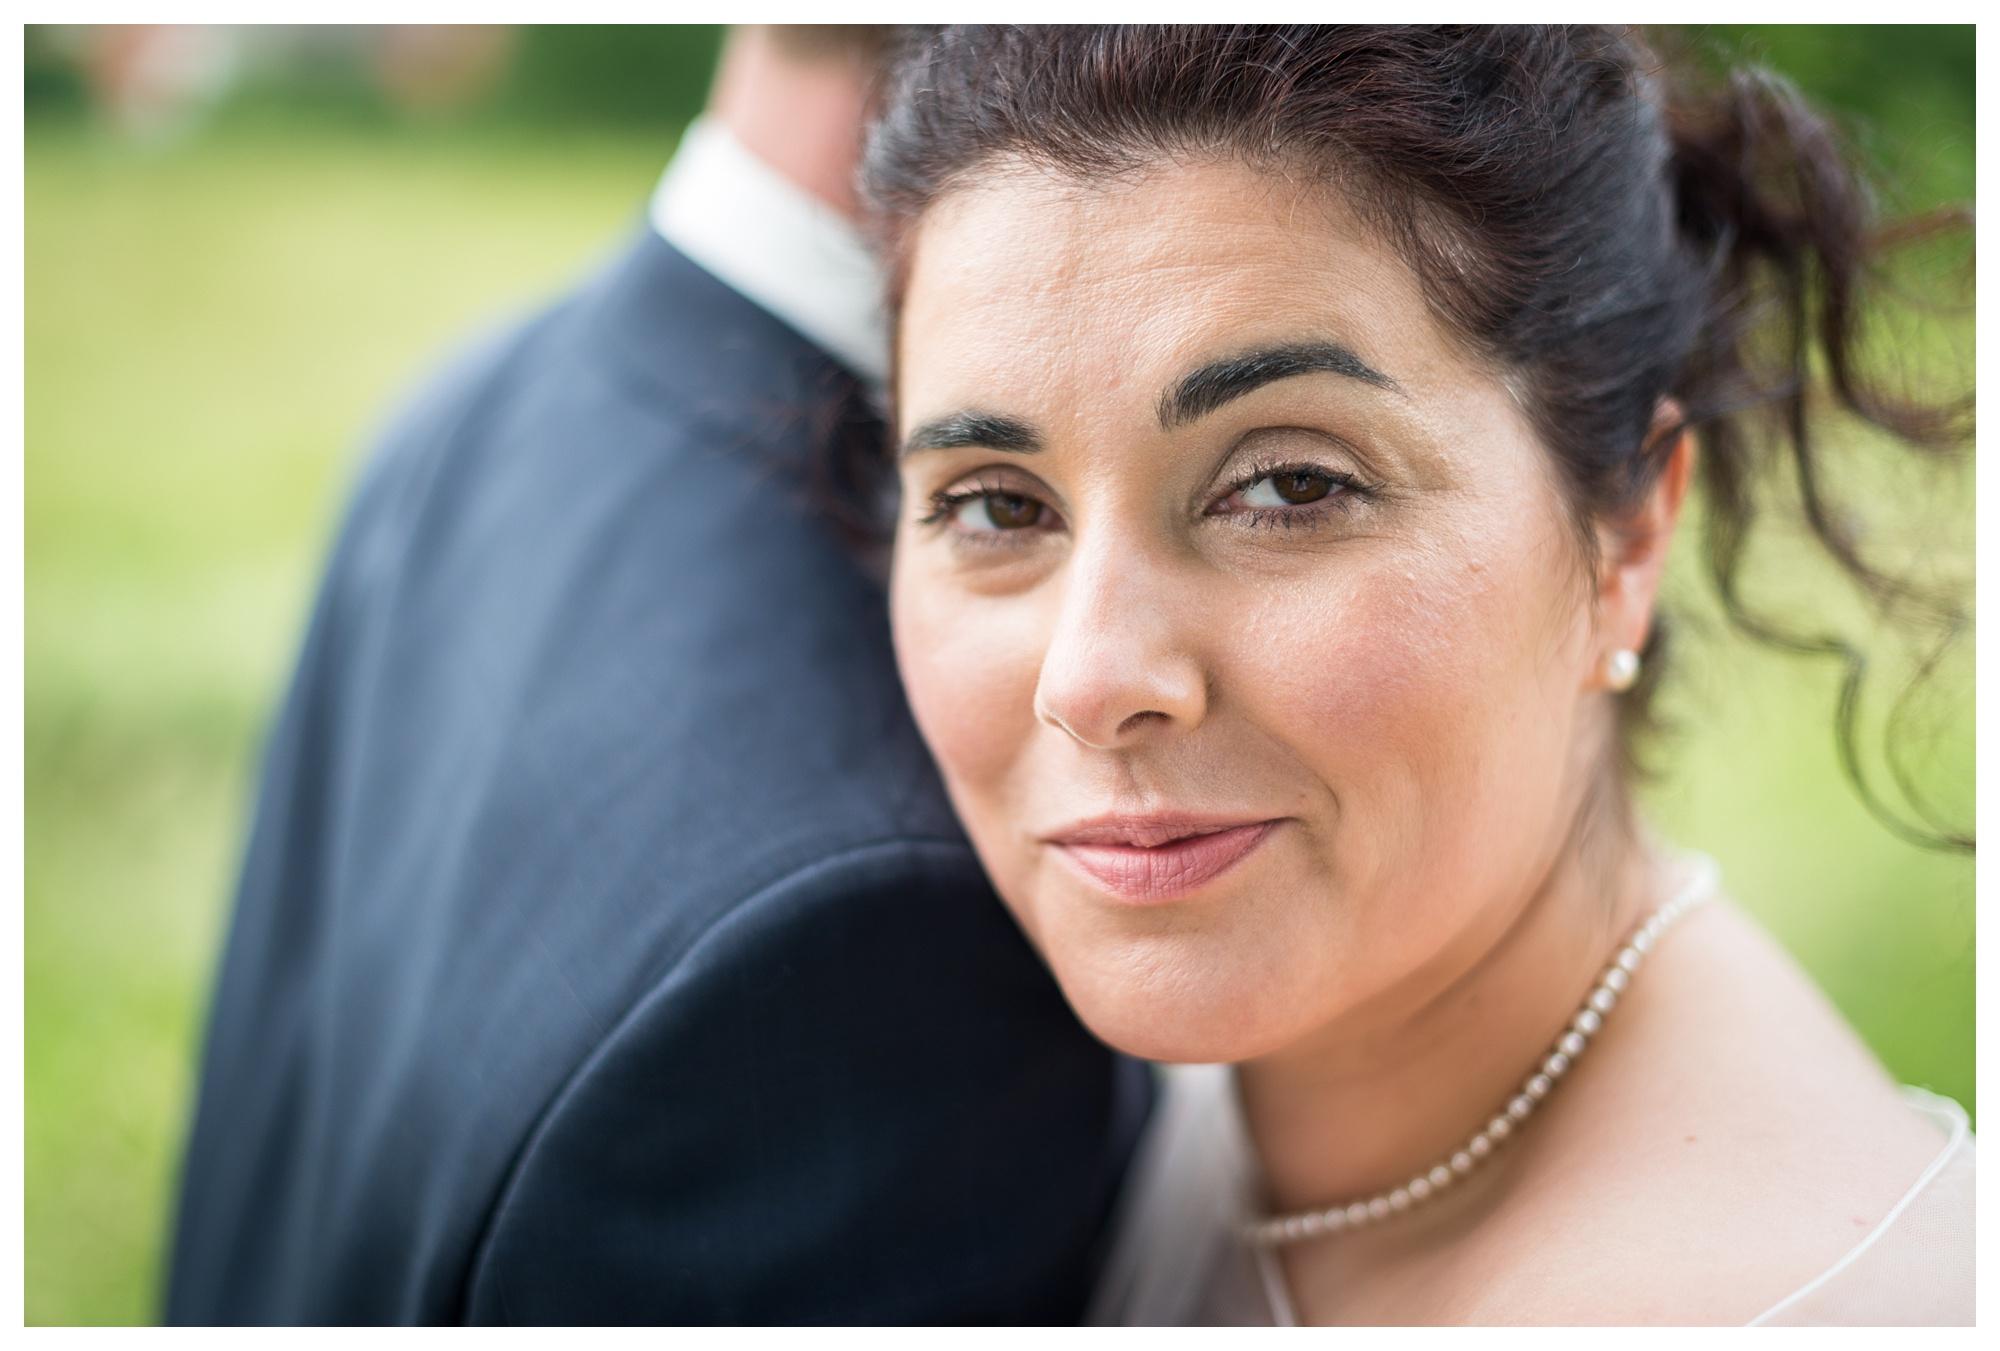 Fotograf Konstanz - Hochzeit Tanja Elmar Elmar Feuerbacher Photography Konstanz Messkirch Highlights 087 - Hochzeitsreportage von Tanja und Elmar im Schloss Meßkirch  - 188 -